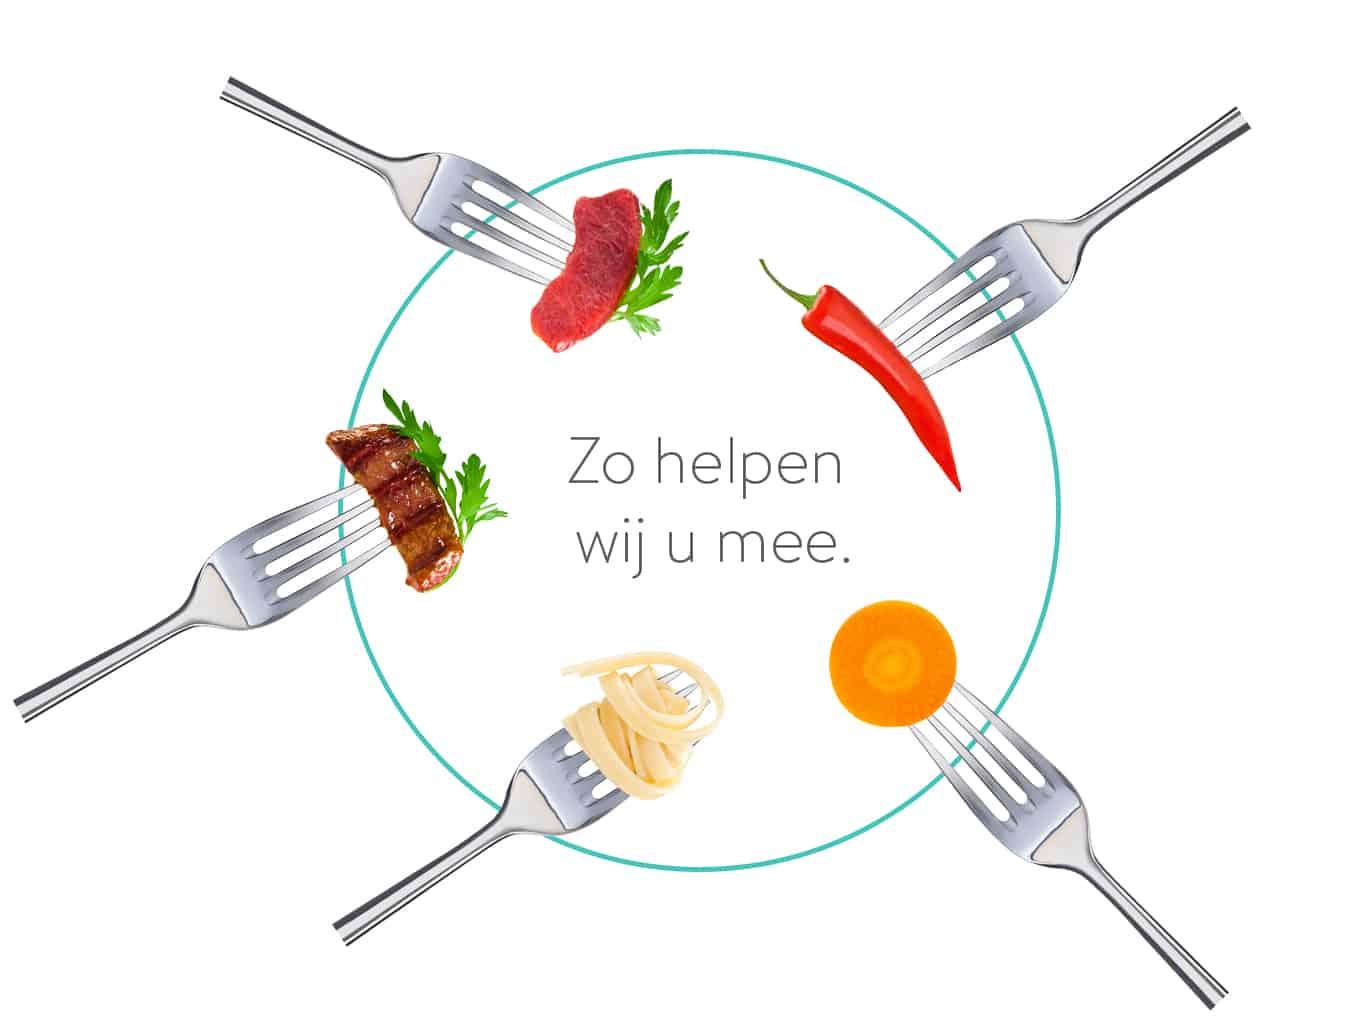 Care culinair zo helpen wij u mee